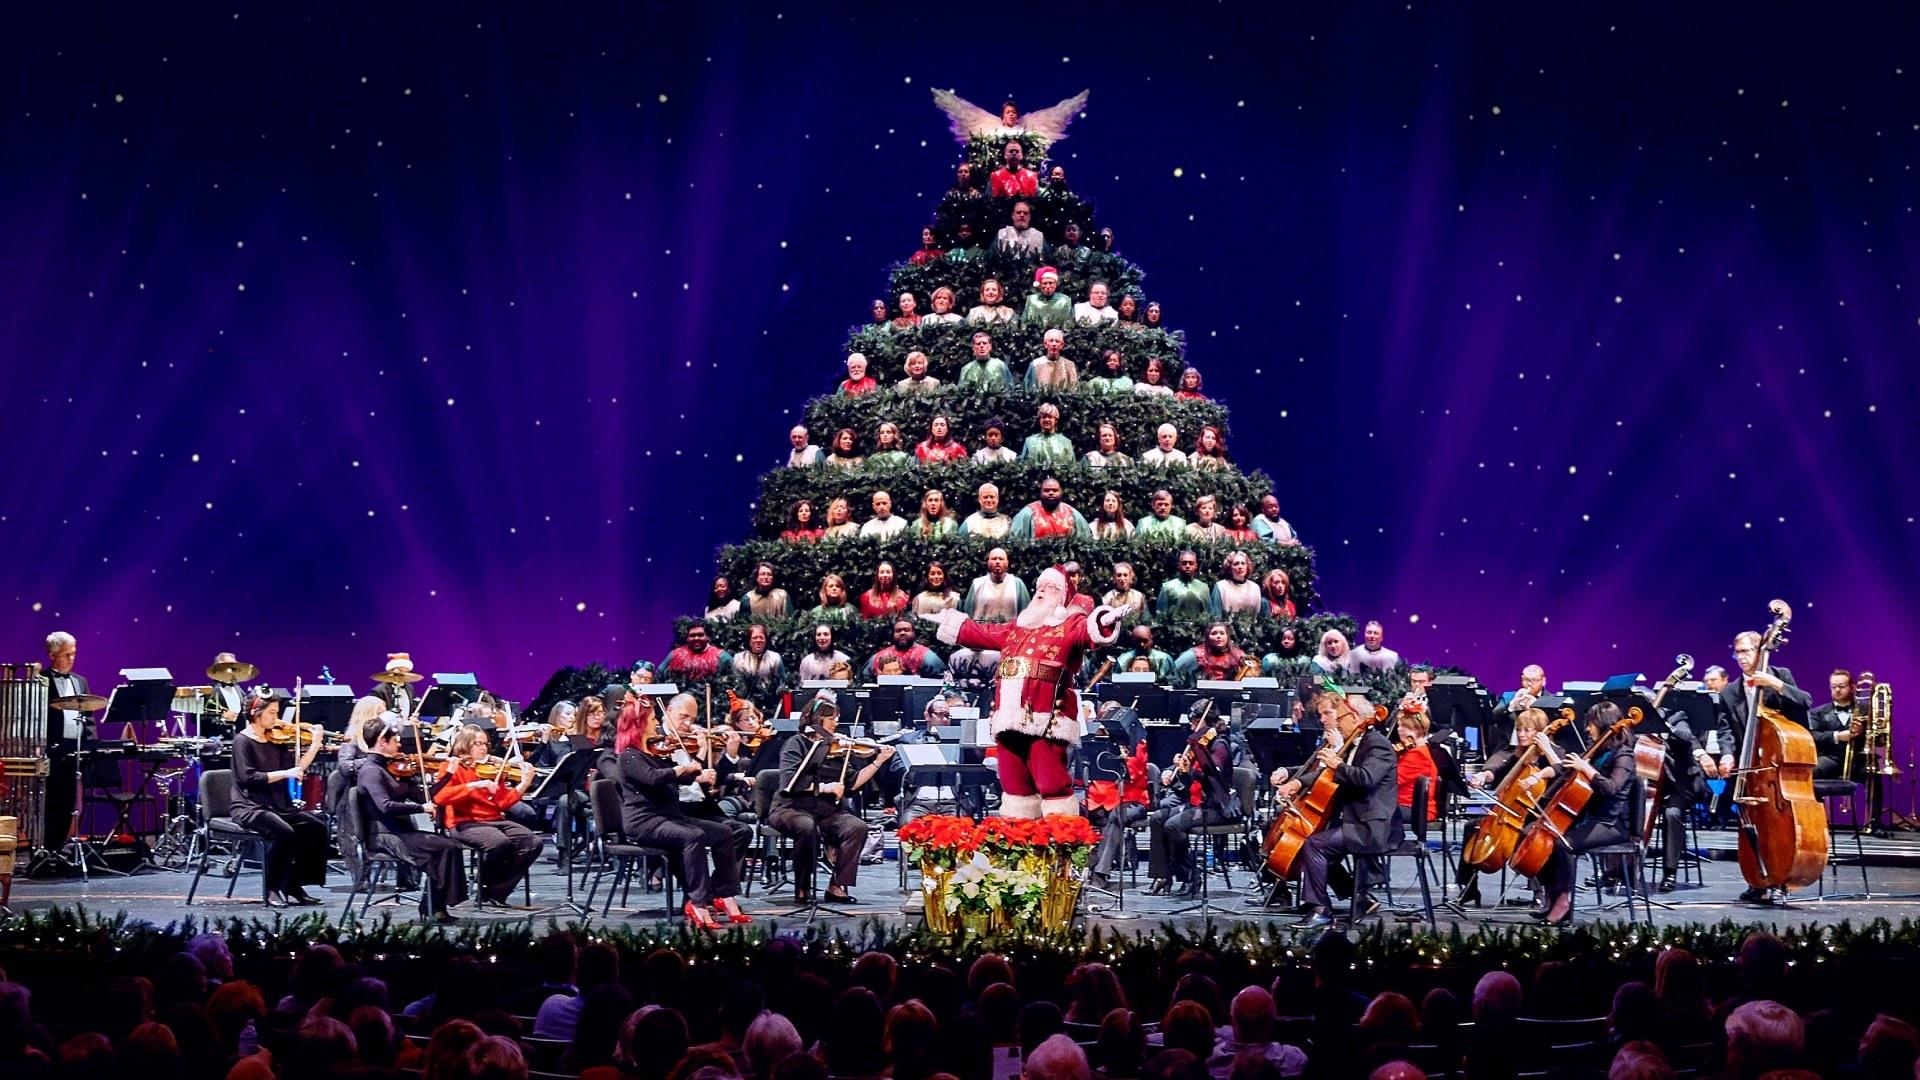 Magic Of Christmas 2020 Charlotte Nc The Singing Christmas Tree FOR KIDS!